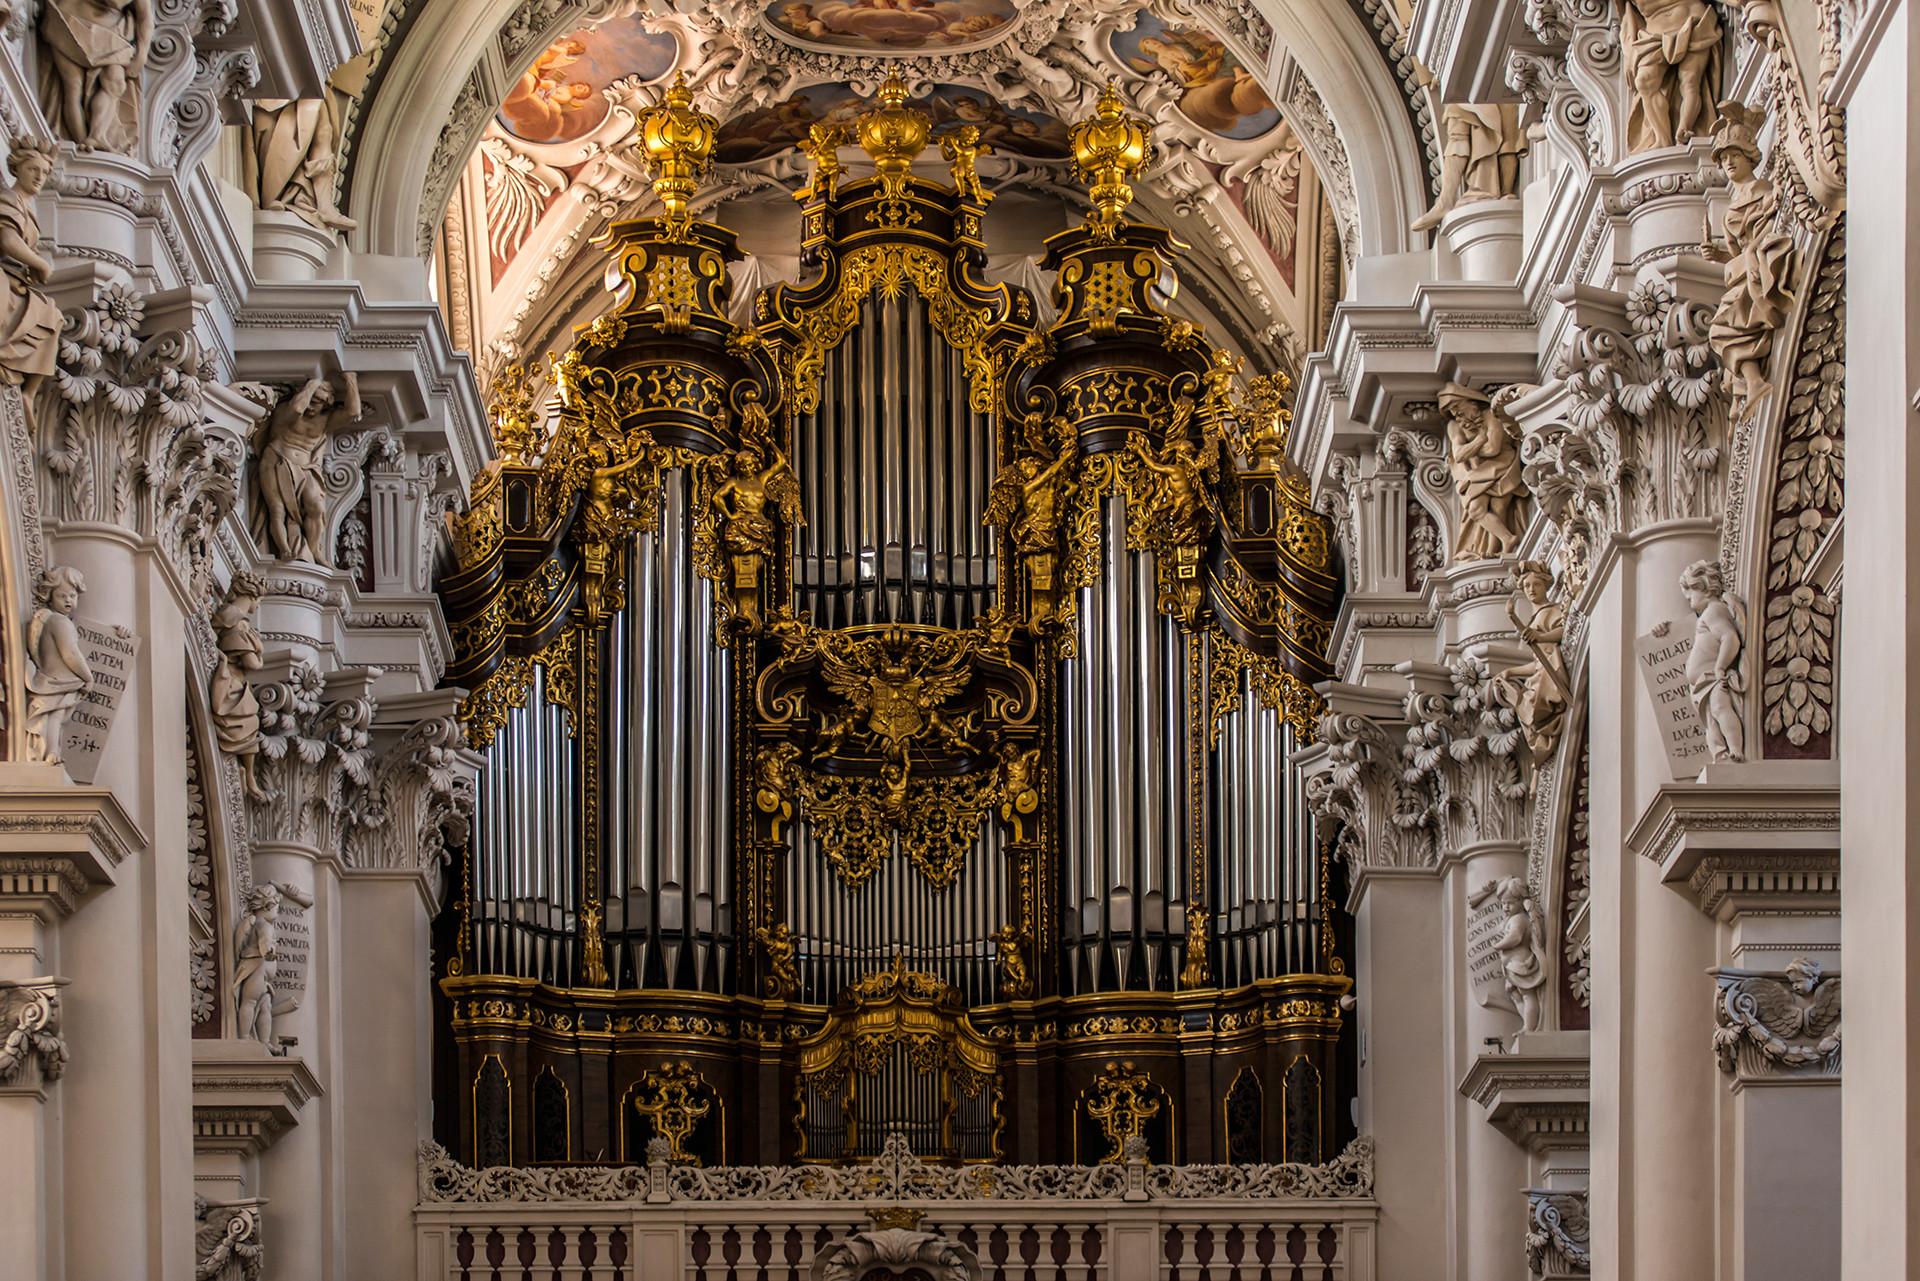 5. Собор Св. Стефана (Пассау, Германия). Крупнейший церковный орган Европы музыкальный инструмент, орган